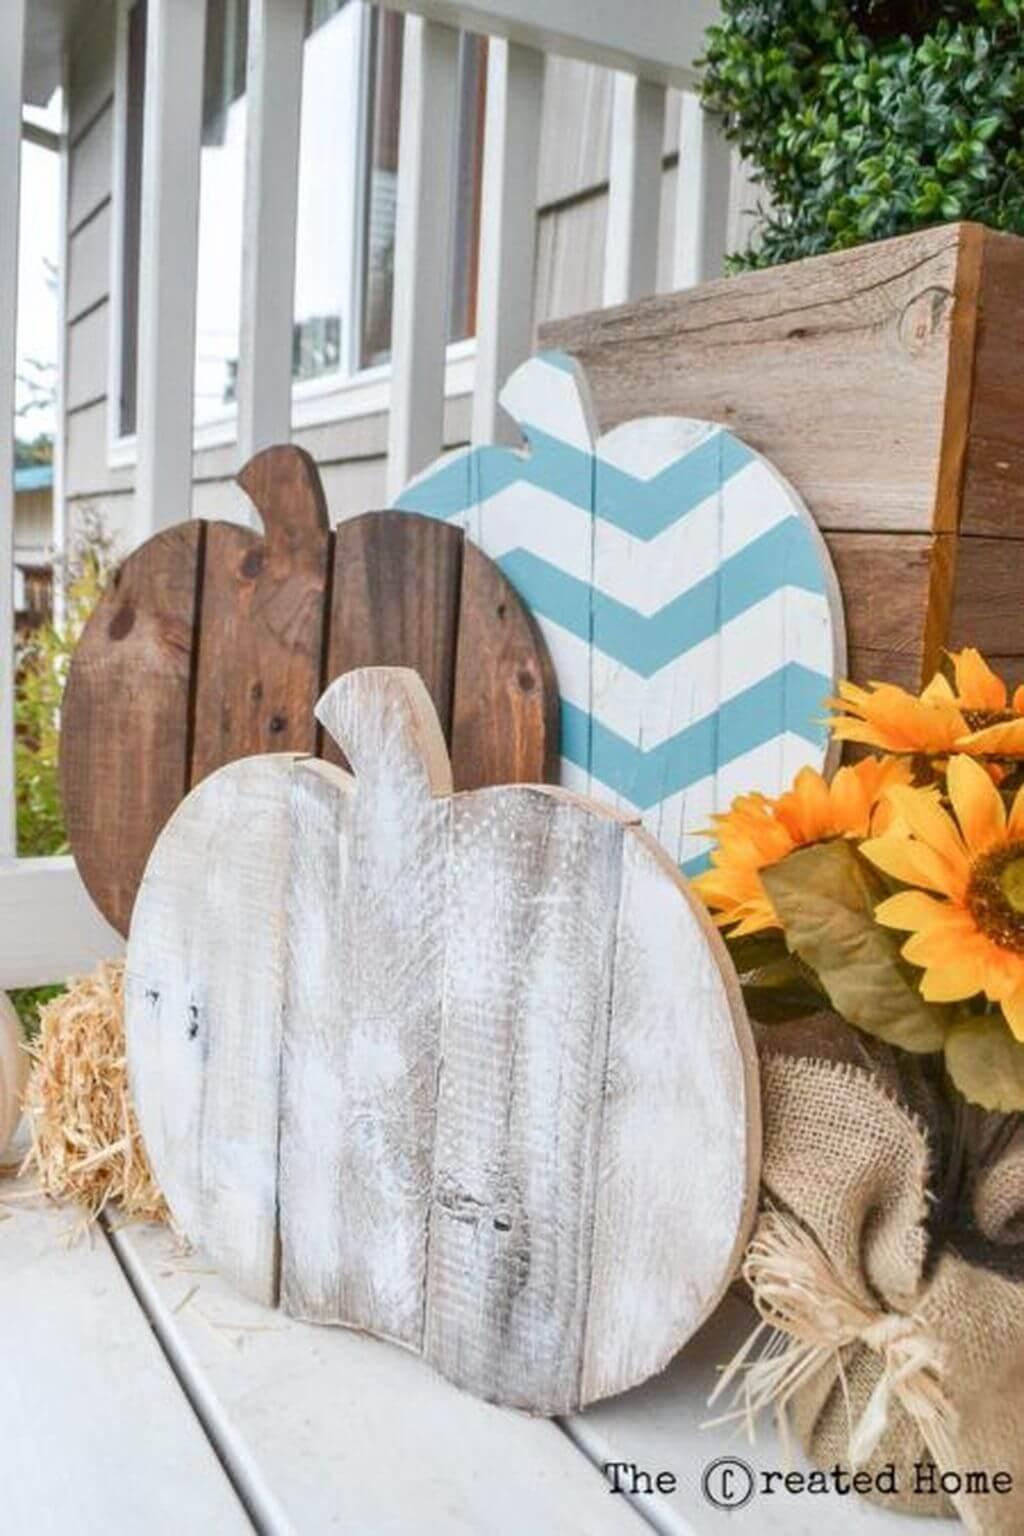 DIY Pretty Pallet Pumpkin Cut Out Decorations